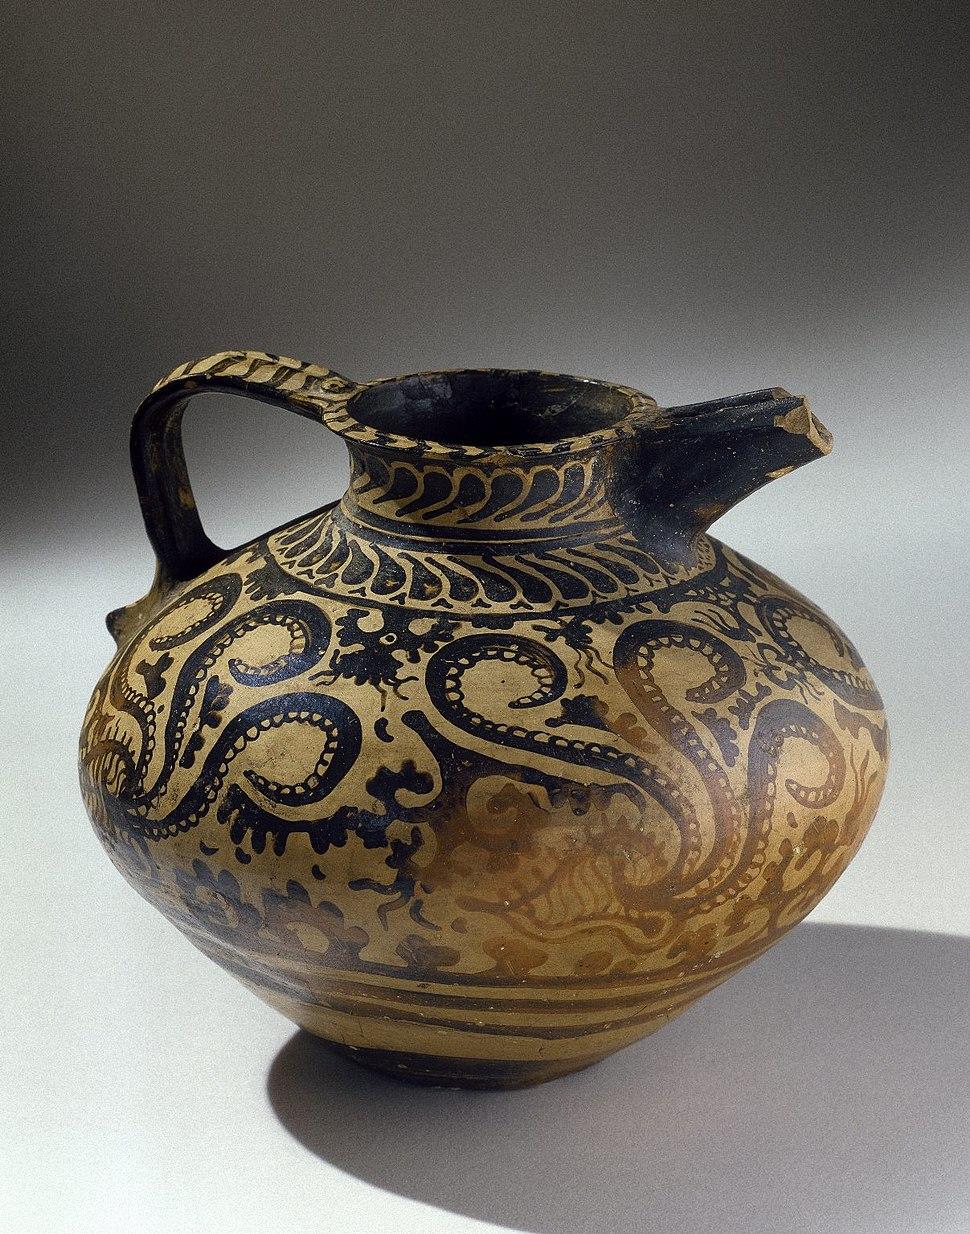 Minoan Decorated Jug, ca. 1575-1500 B.C.E. 37.13E